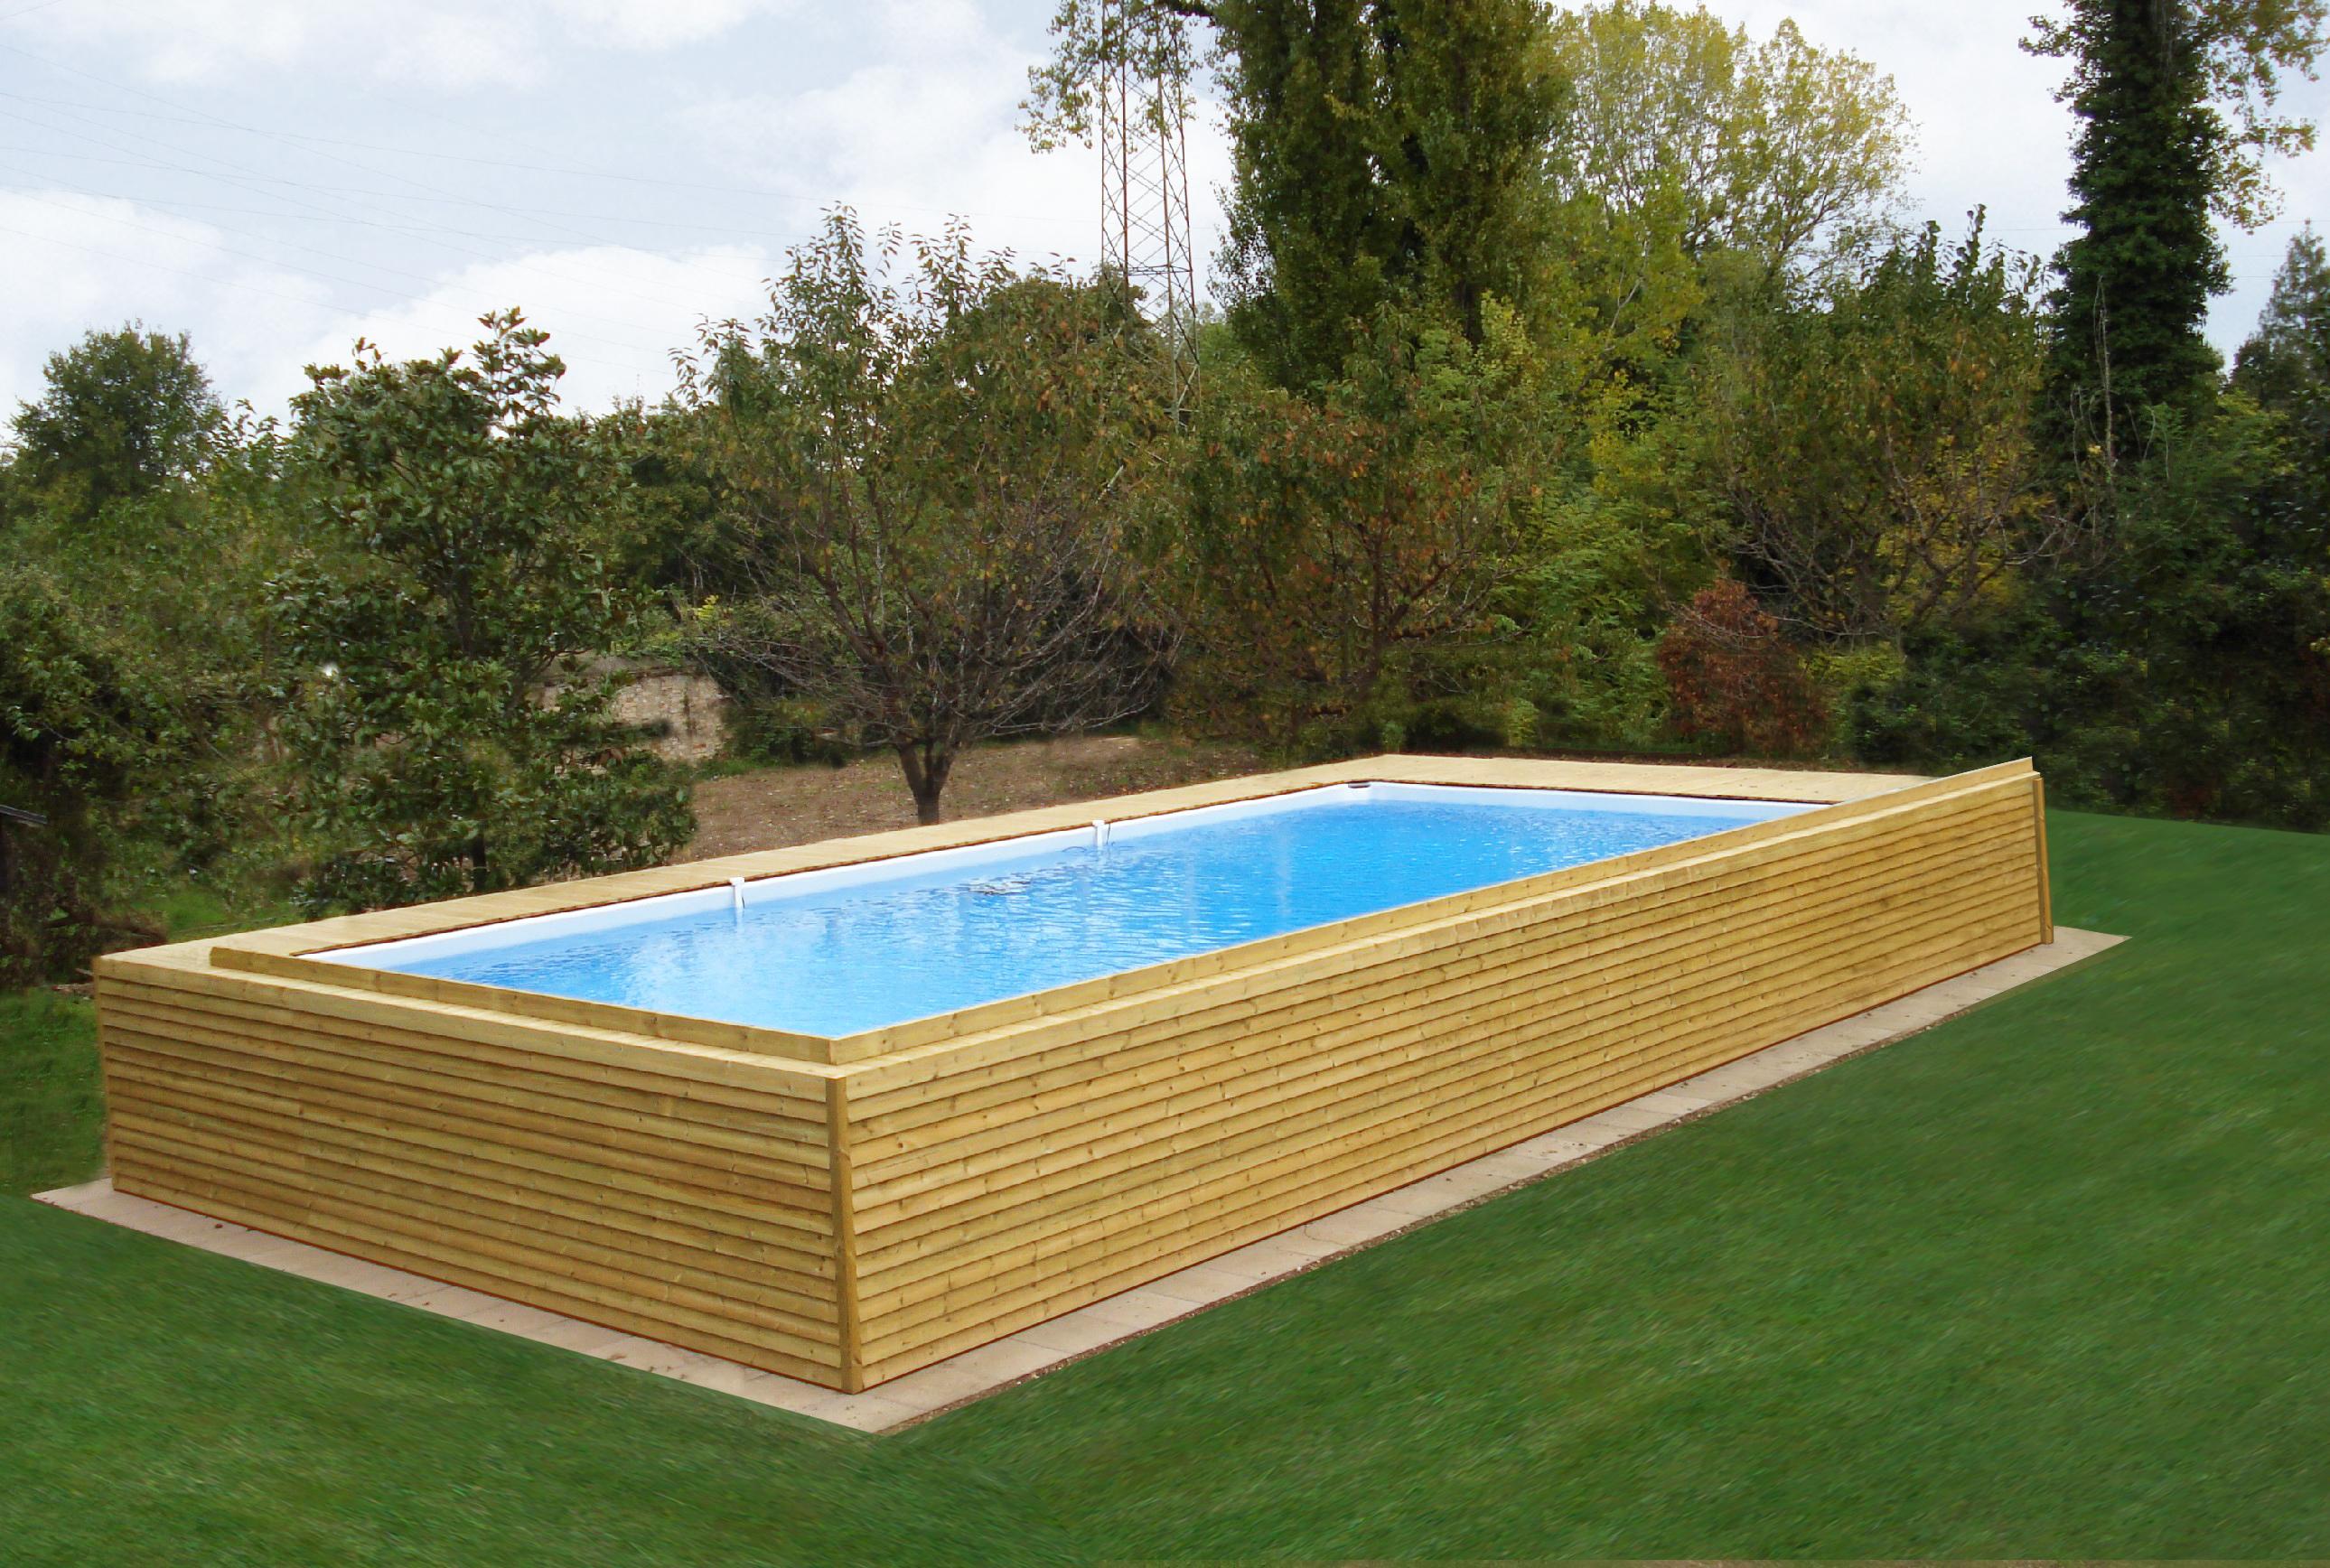 Piscina fuori terra con rivestimento in legno di abete prezzi for Aspiratore per piscina fai da te